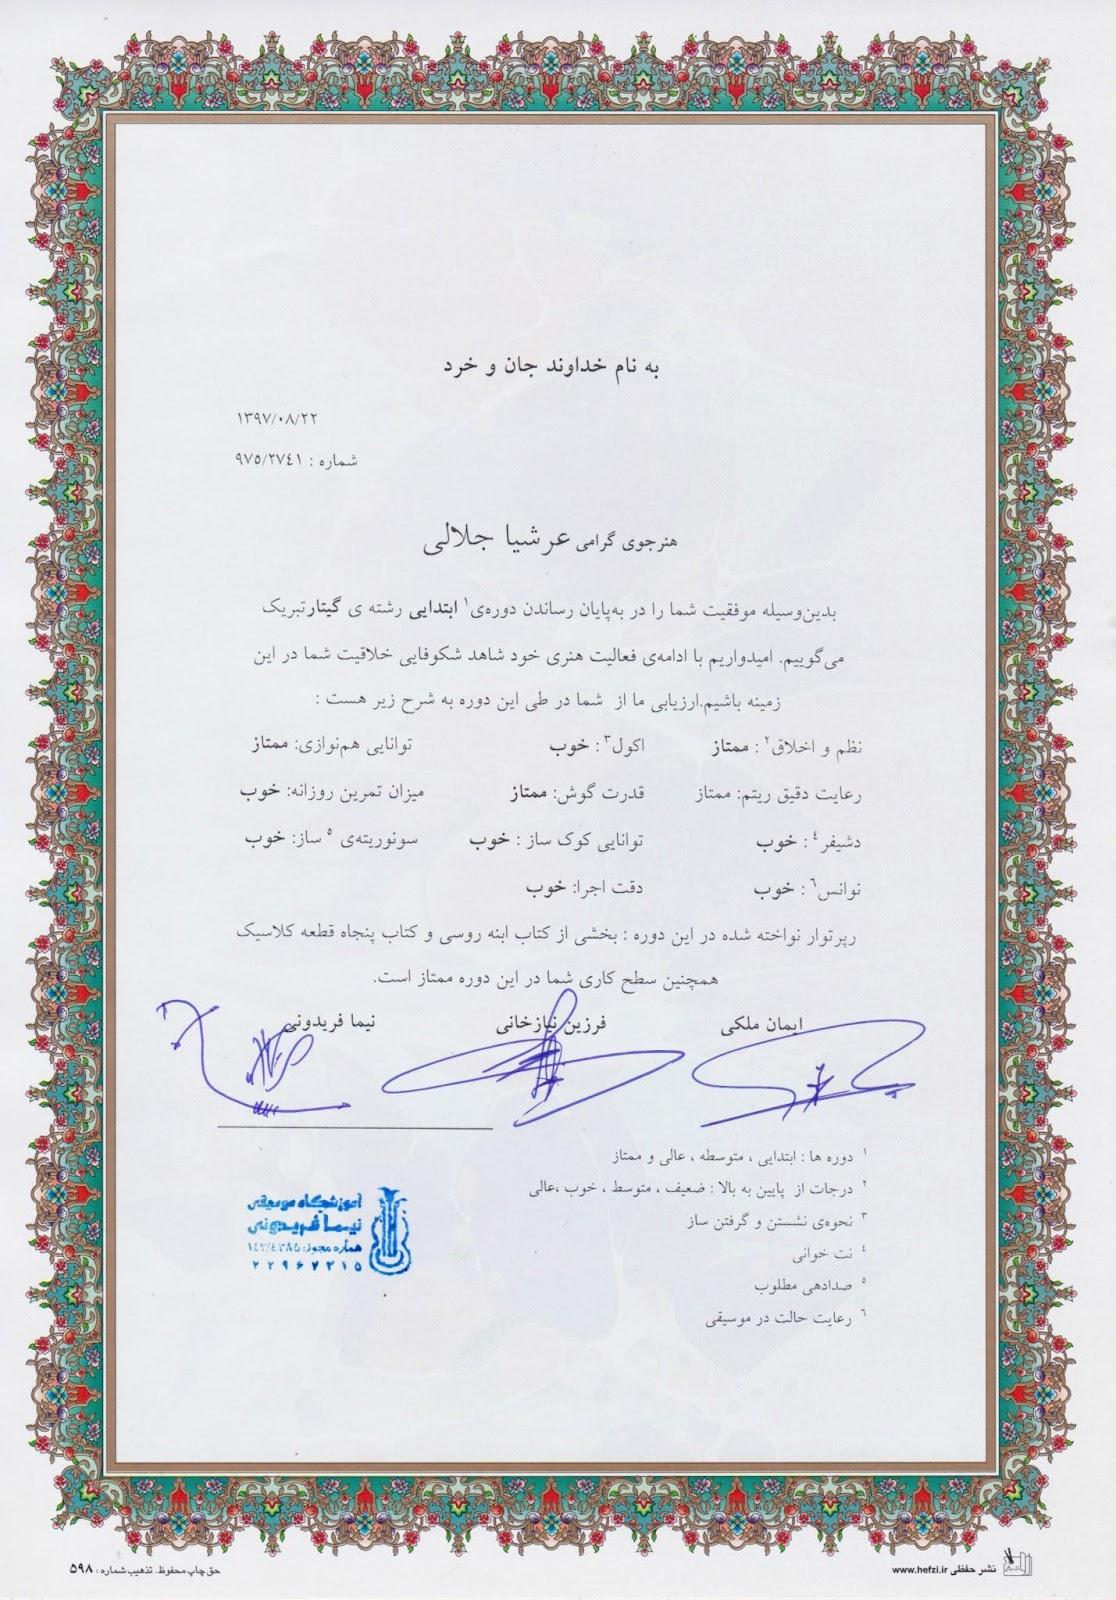 گواهینامهی پایاندورهی ابتدایی عرشیا جلالی هنرجوی گیتار فرزین نیازخانی